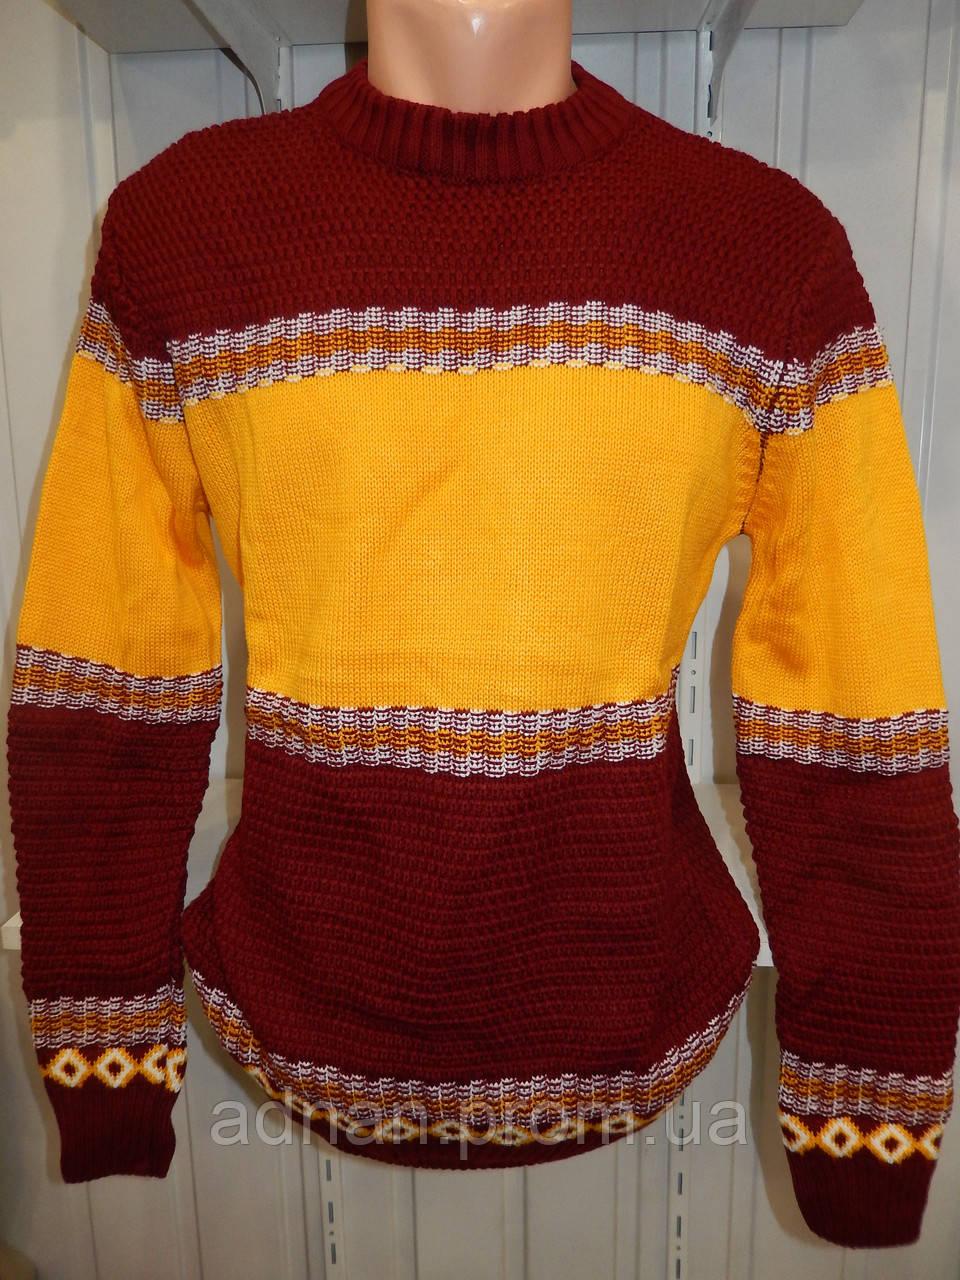 Свитер зимний ROT орнамент 006/ купить оптом свитер зимний